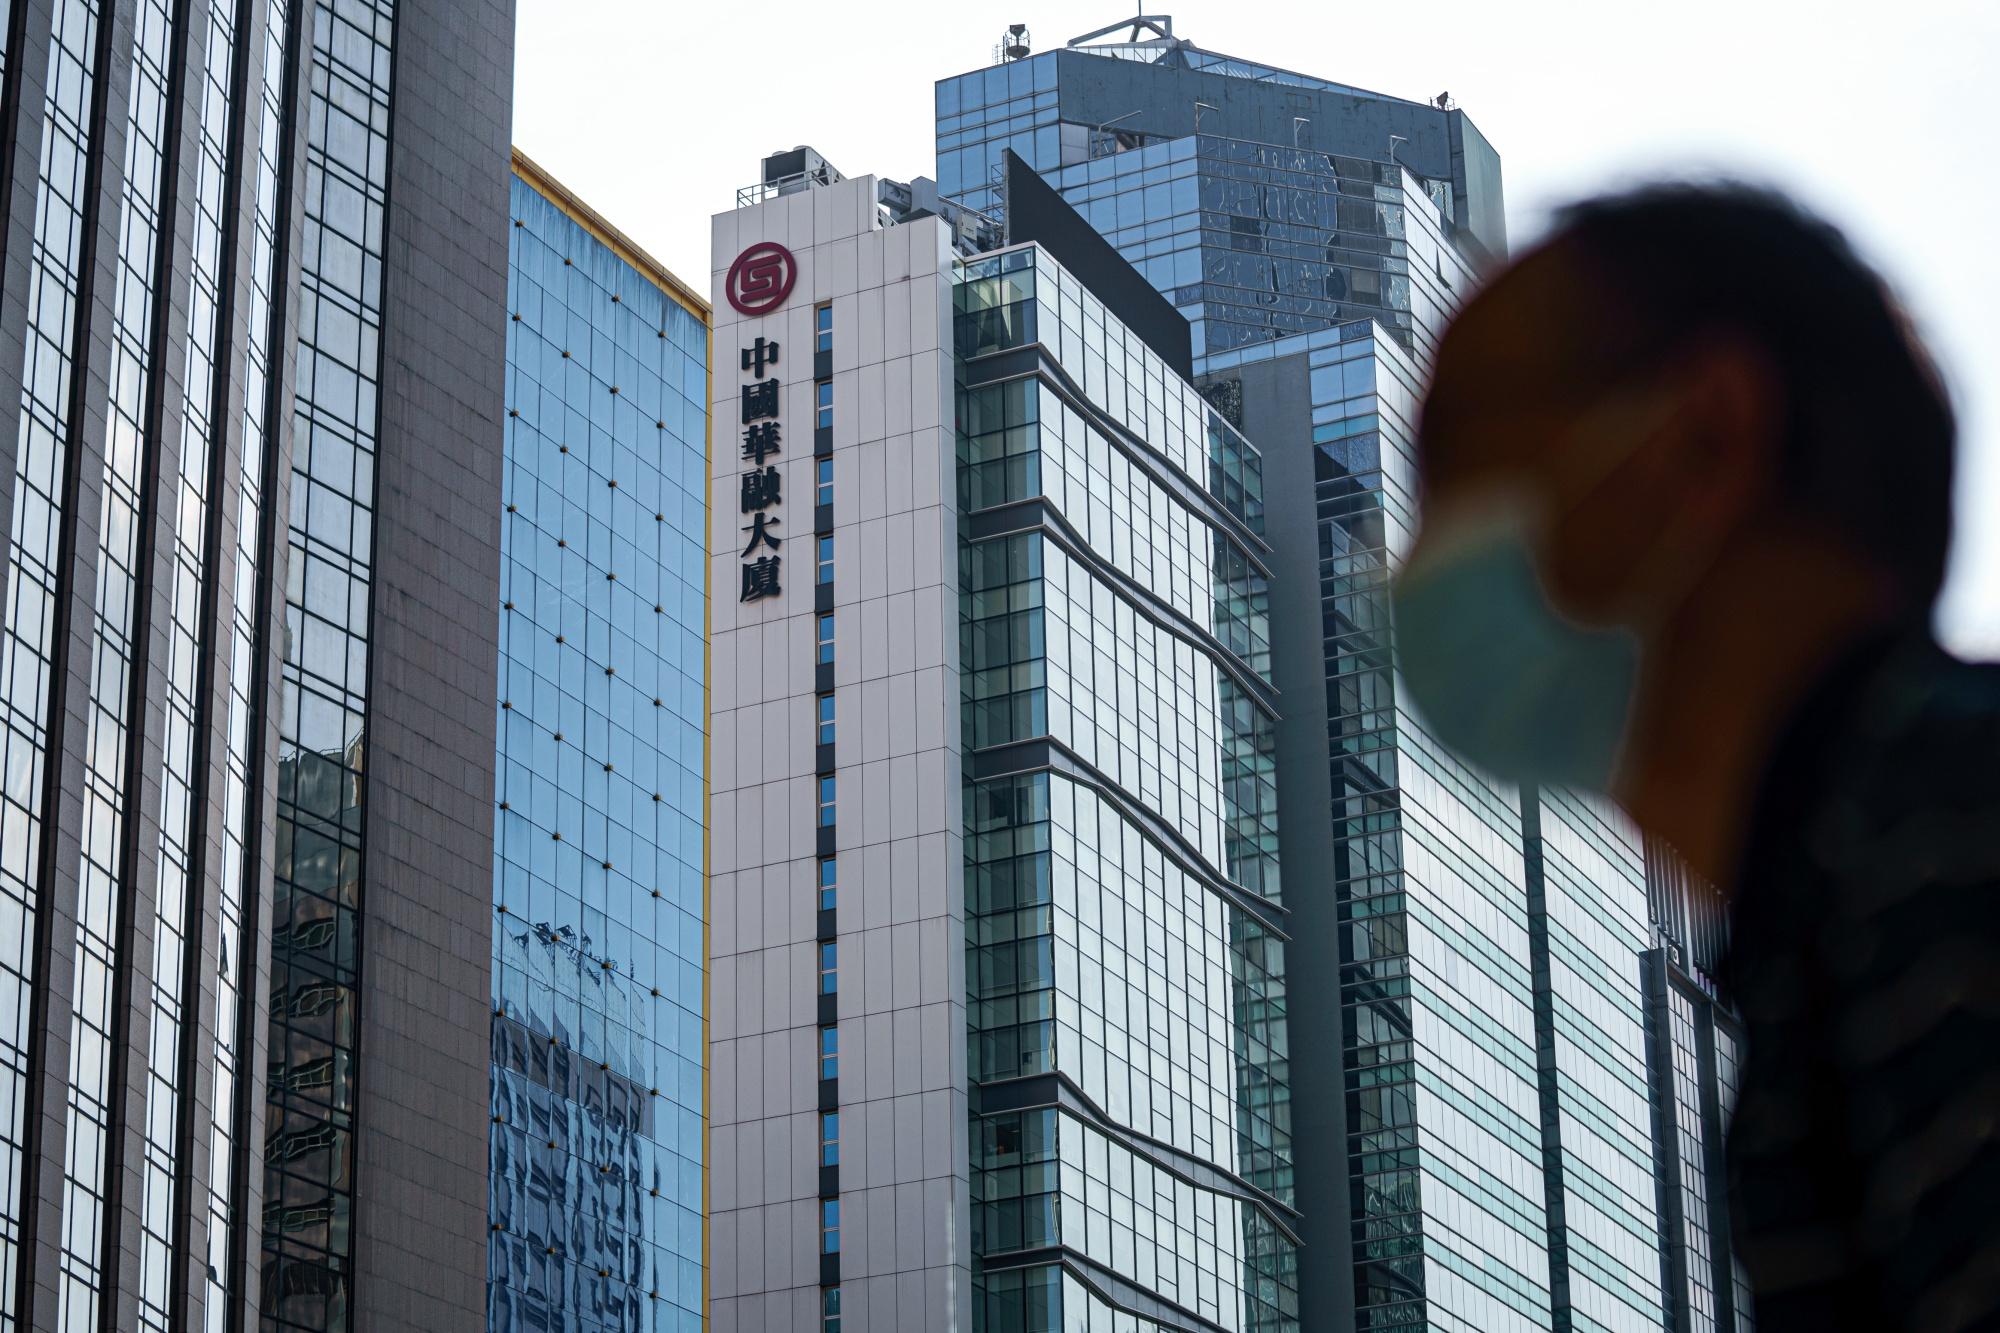 A pedestrian walks past the China Huarong Tower in Hong Kong.